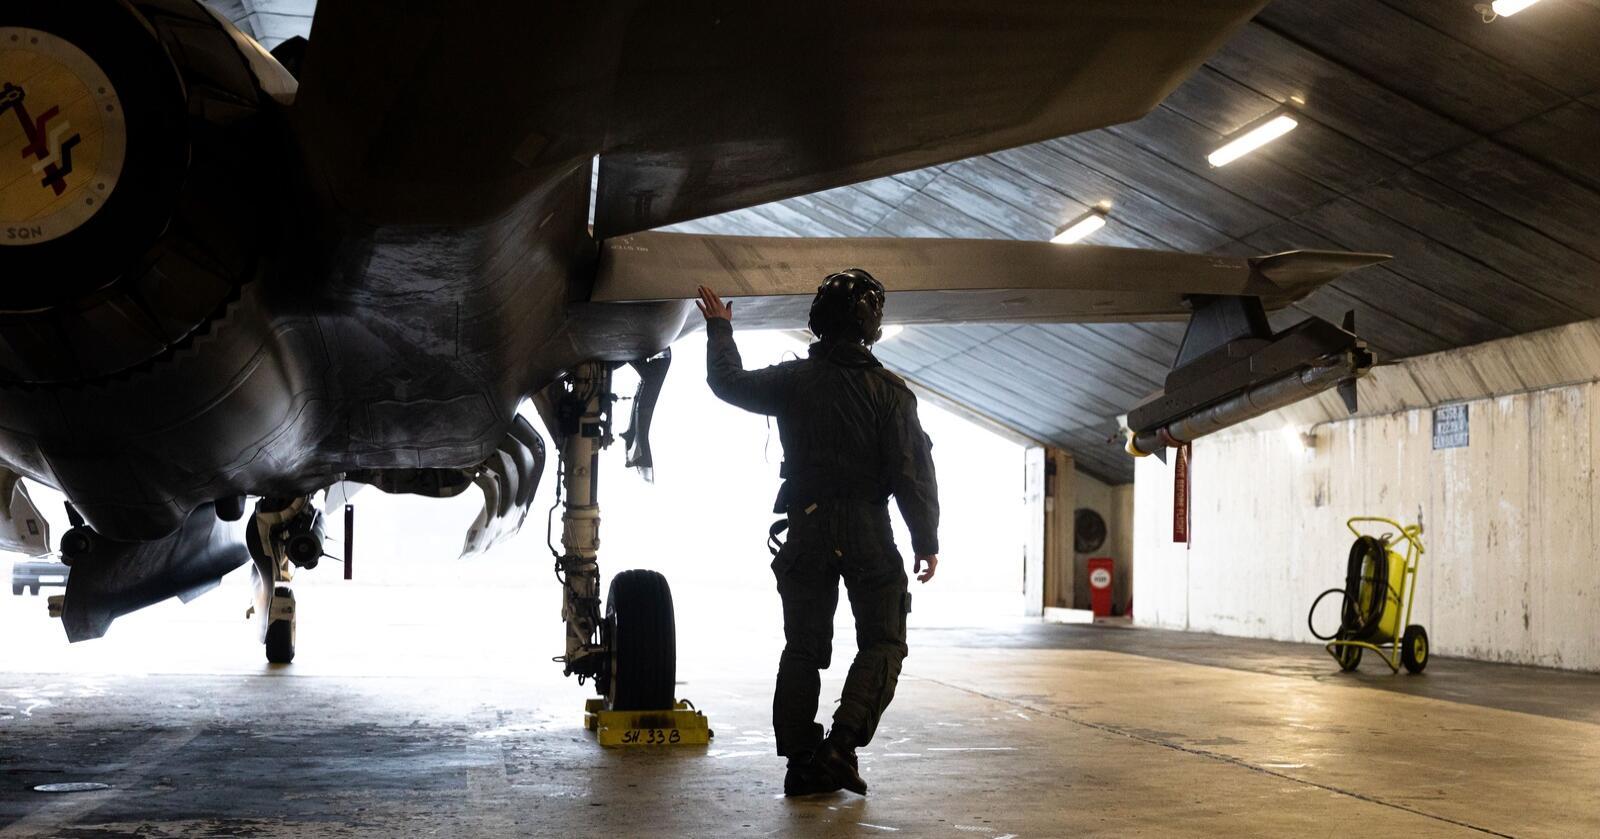 Norsk F-35 på oppdrag på Island. Nå advarer Riksrevisjonen i USA mot for høye driftsutgifter. Resultatet kan bli et dyrere kampflyvåpen for Norge.